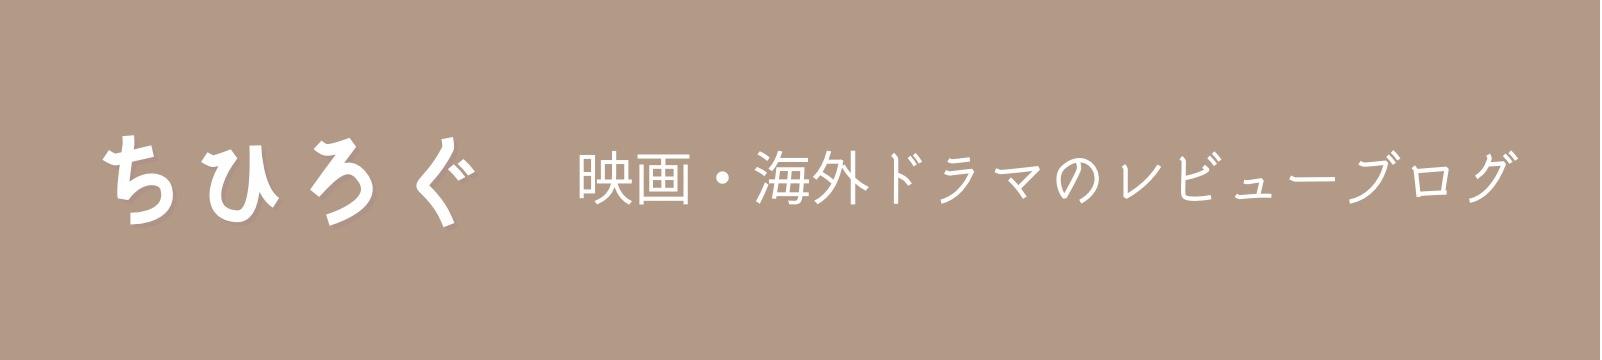 ちひろぐ 映画・海外ドラマのレビューブログ